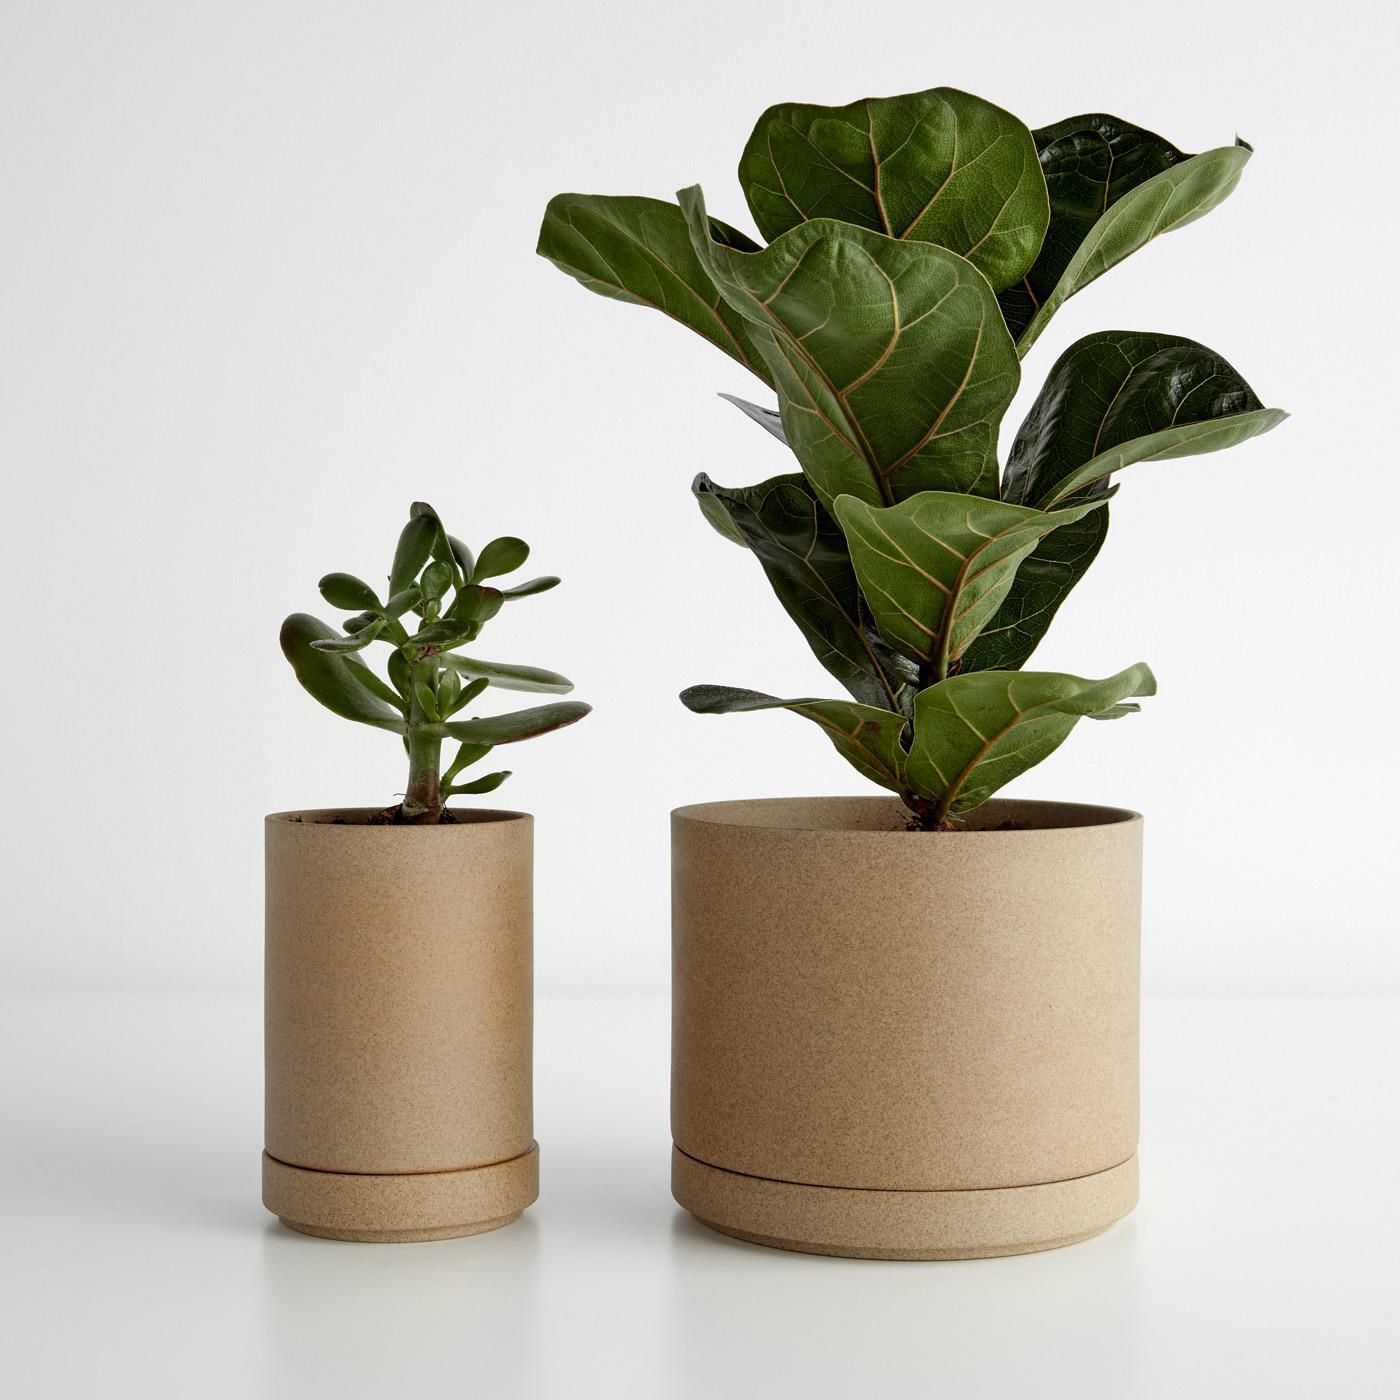 Hasami Natural Planters